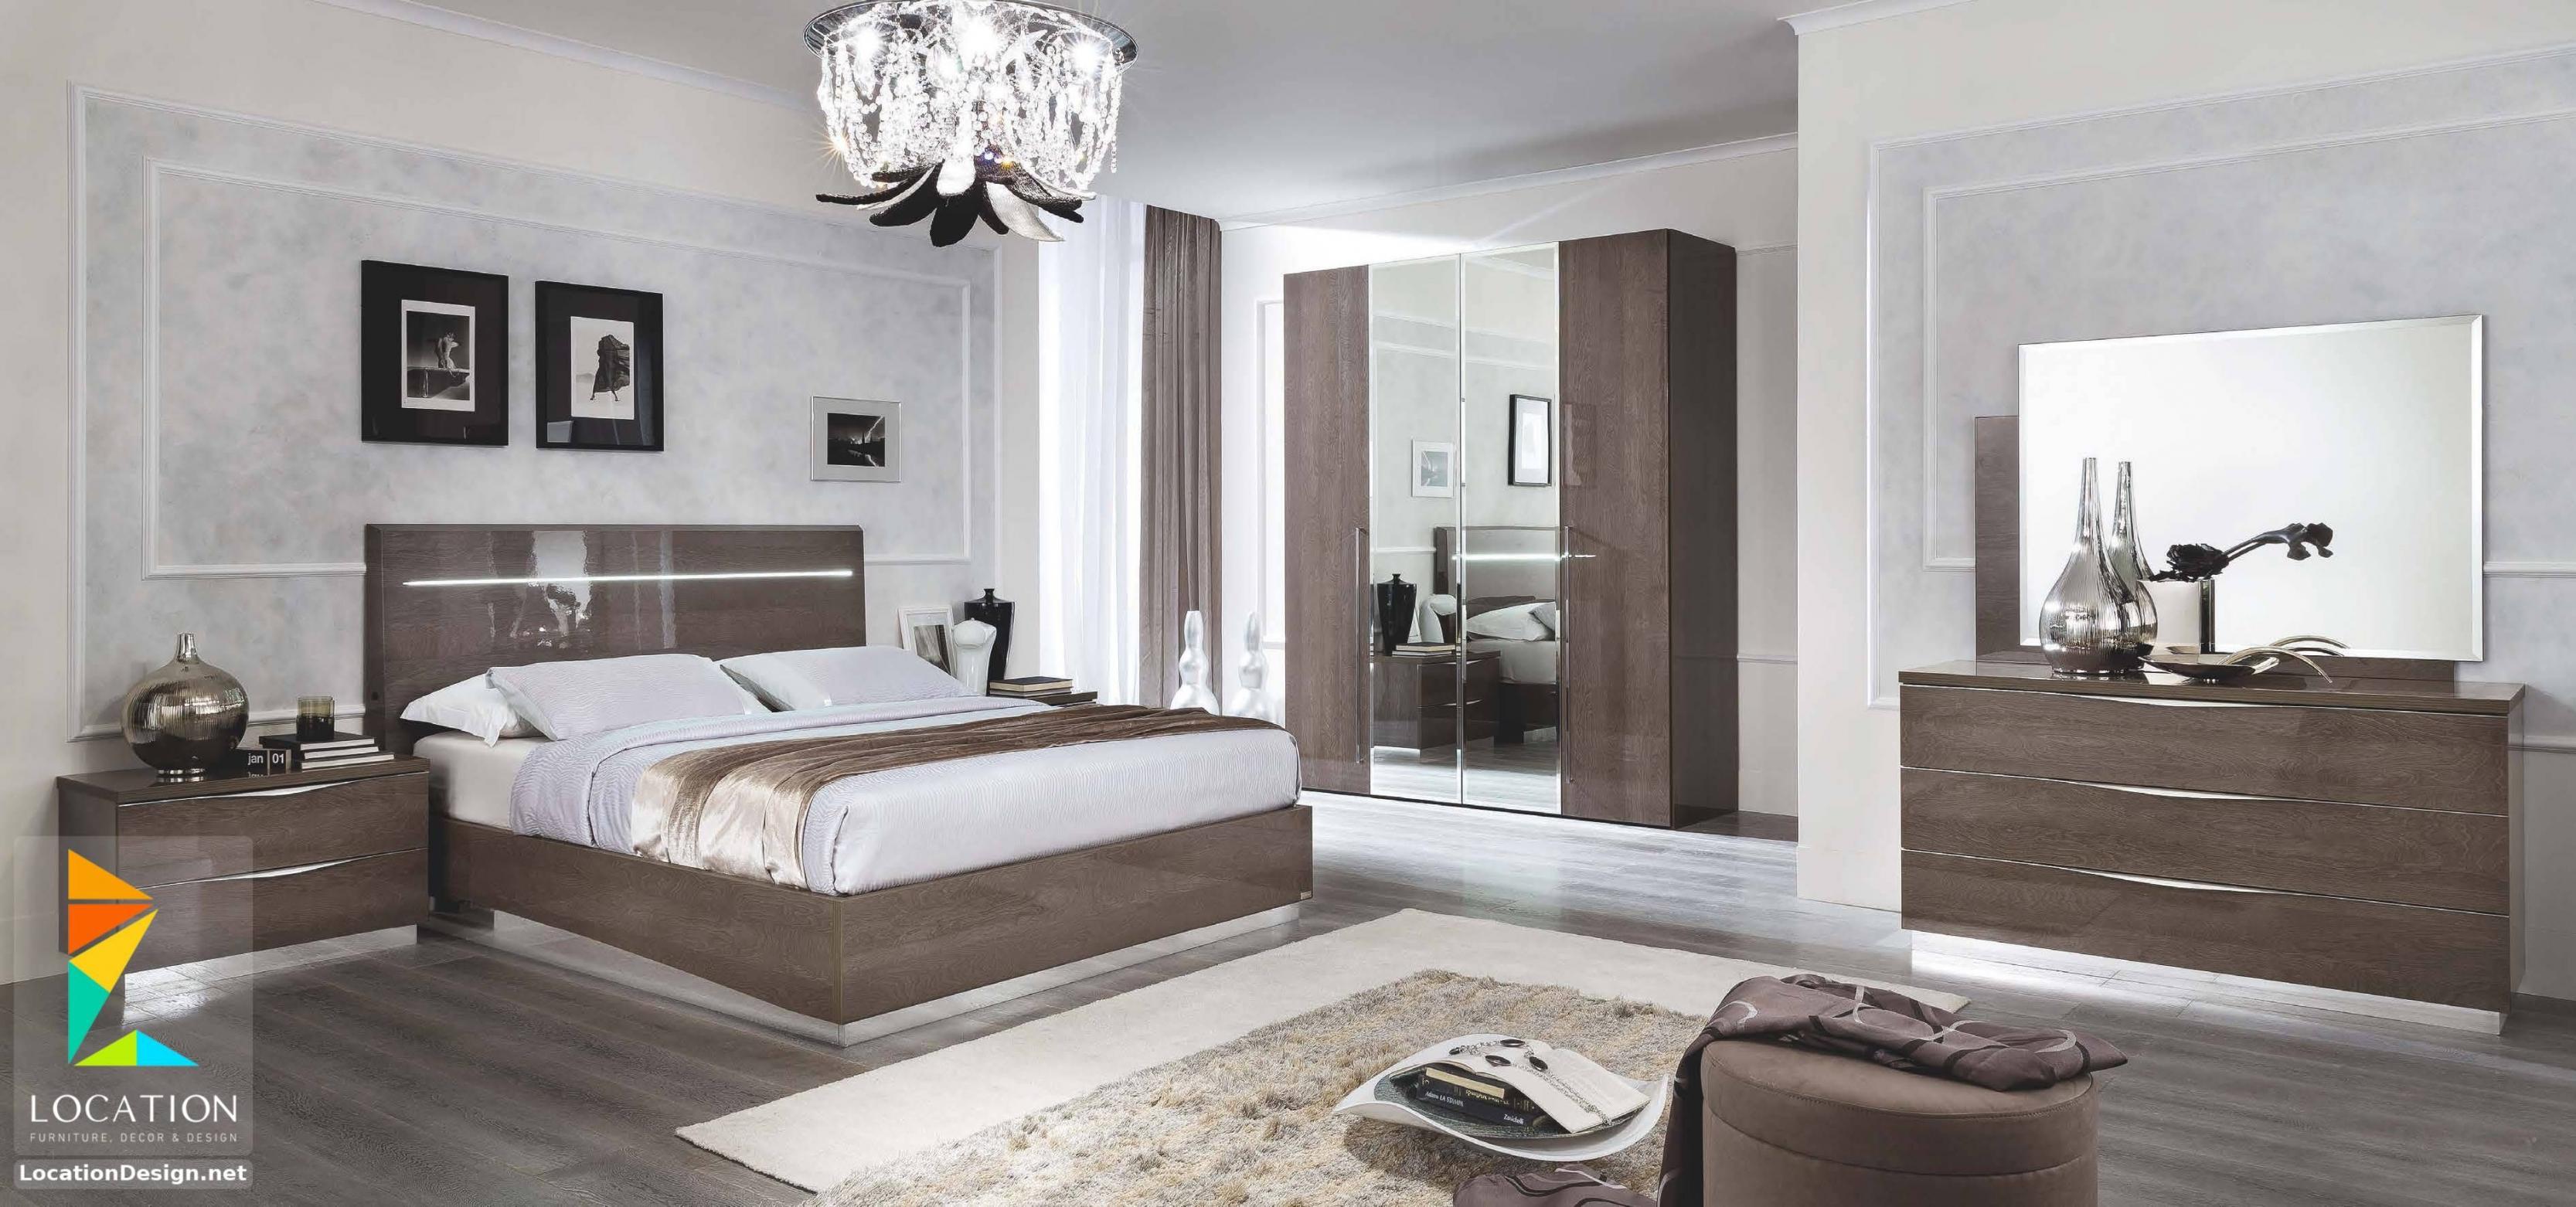 صورة افخم غرف نوم للعرسان ،غرف نوم مودرن كاملة 2019 6431 6